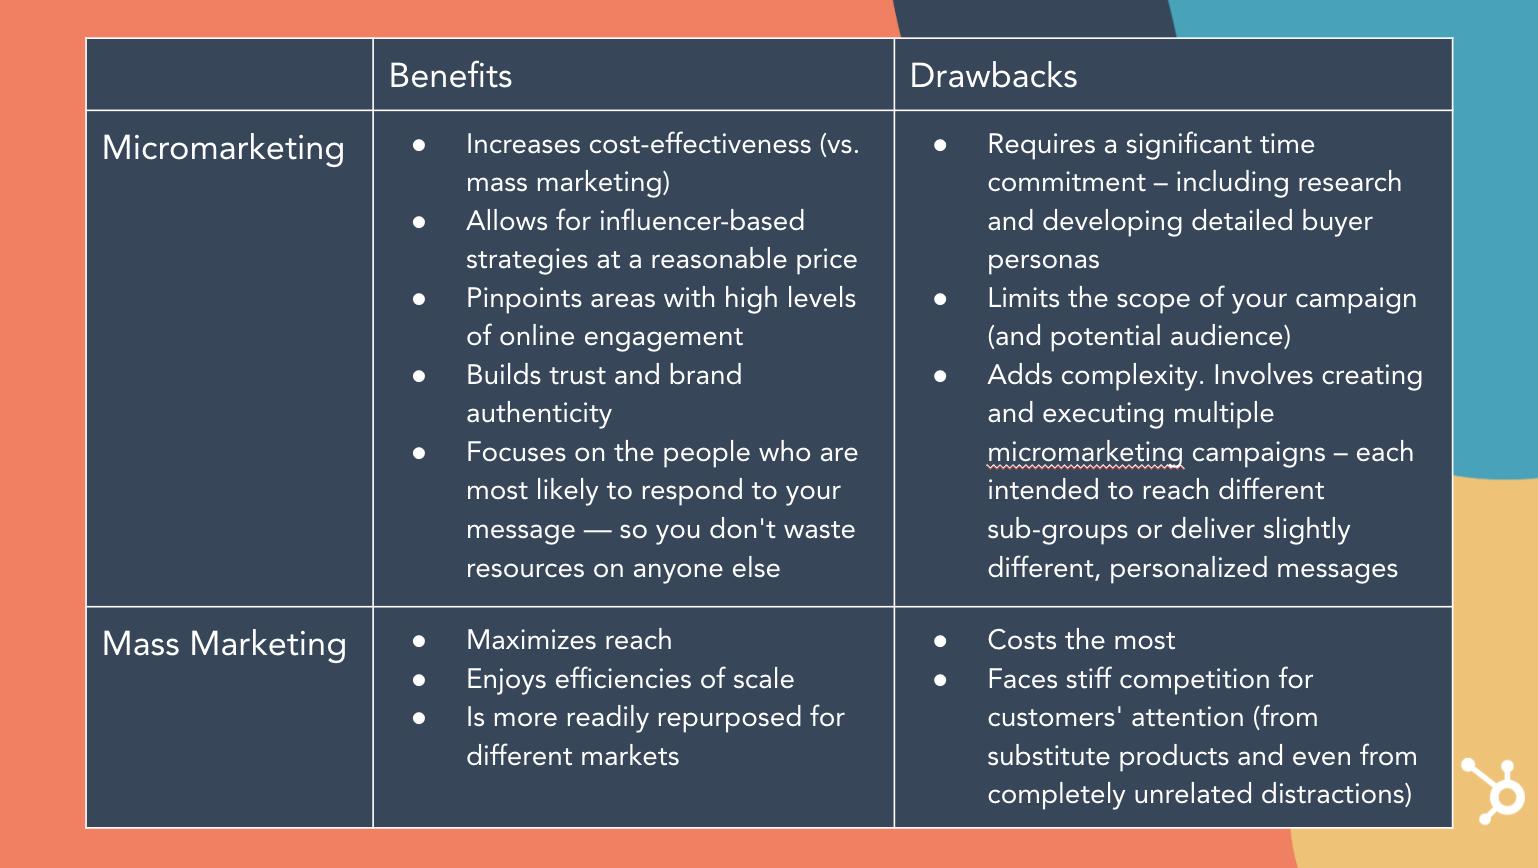 Beneficios y desventajas del micromarketing